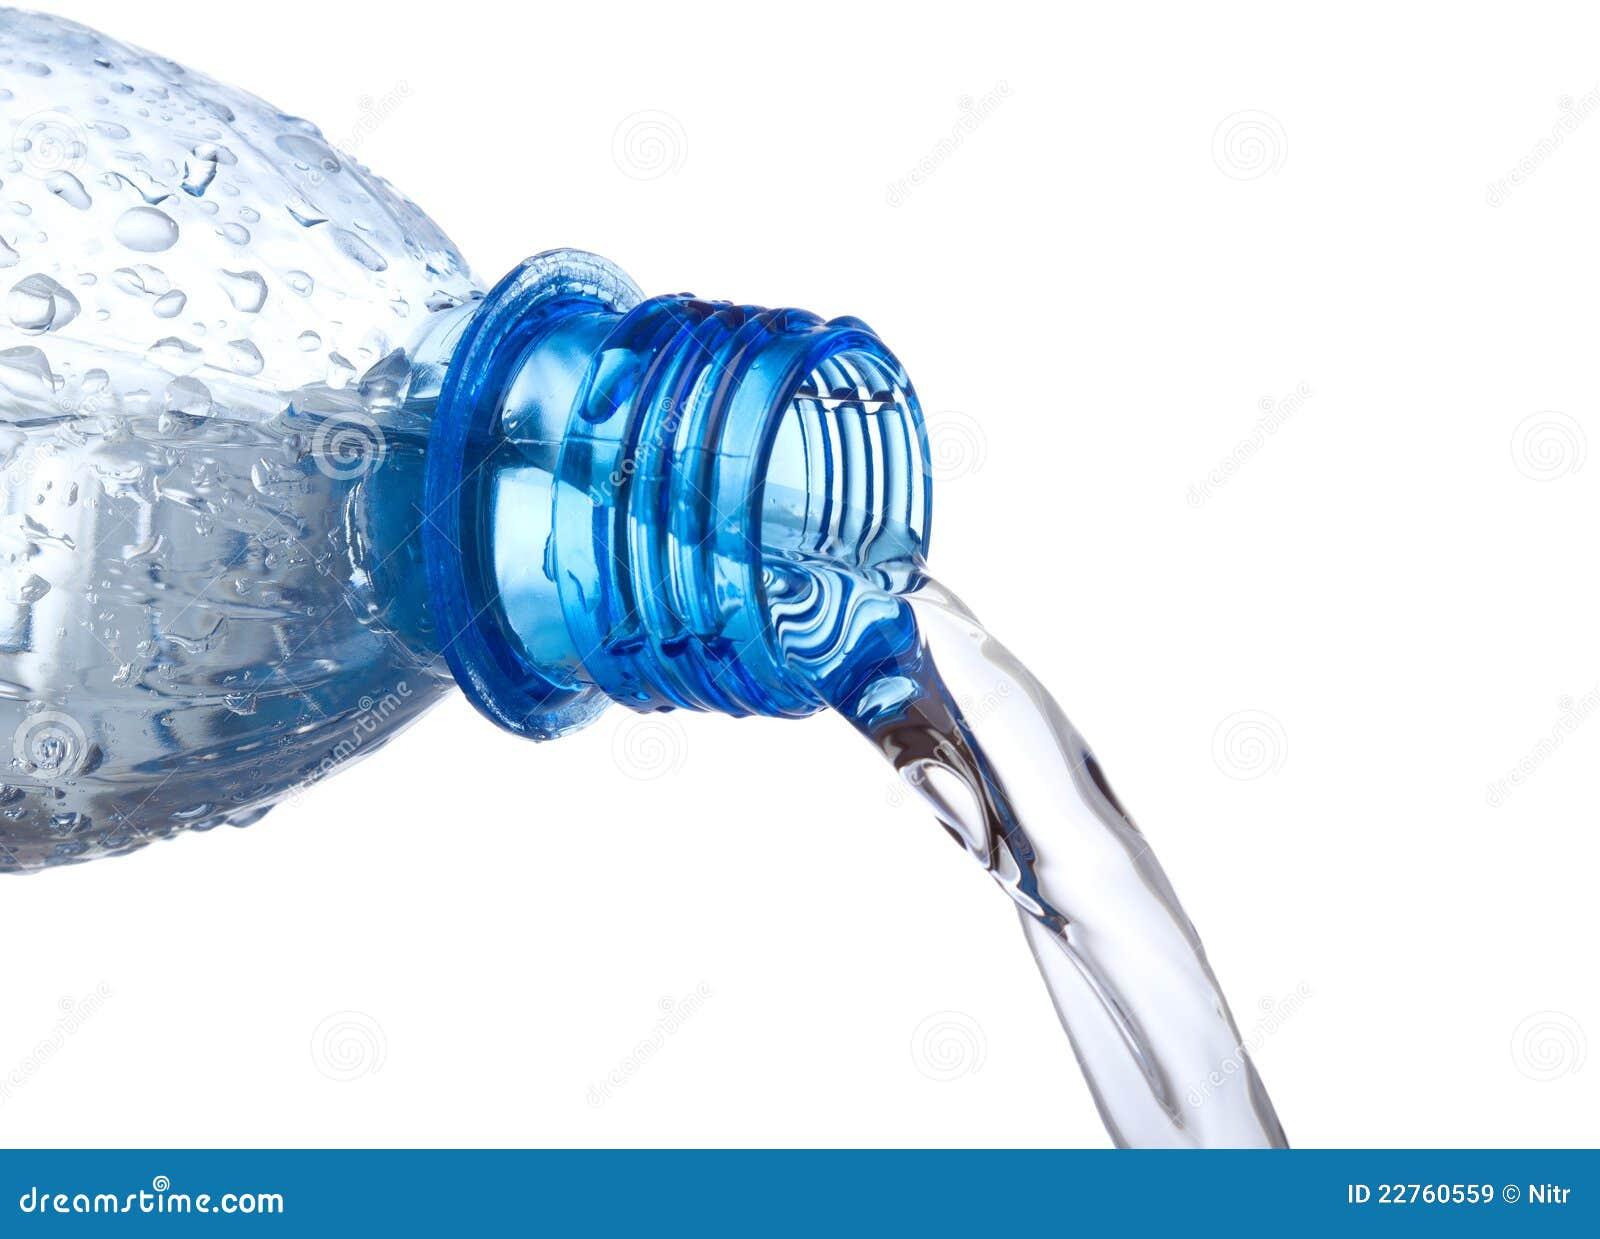 Как сделать бутылку в фотошопе